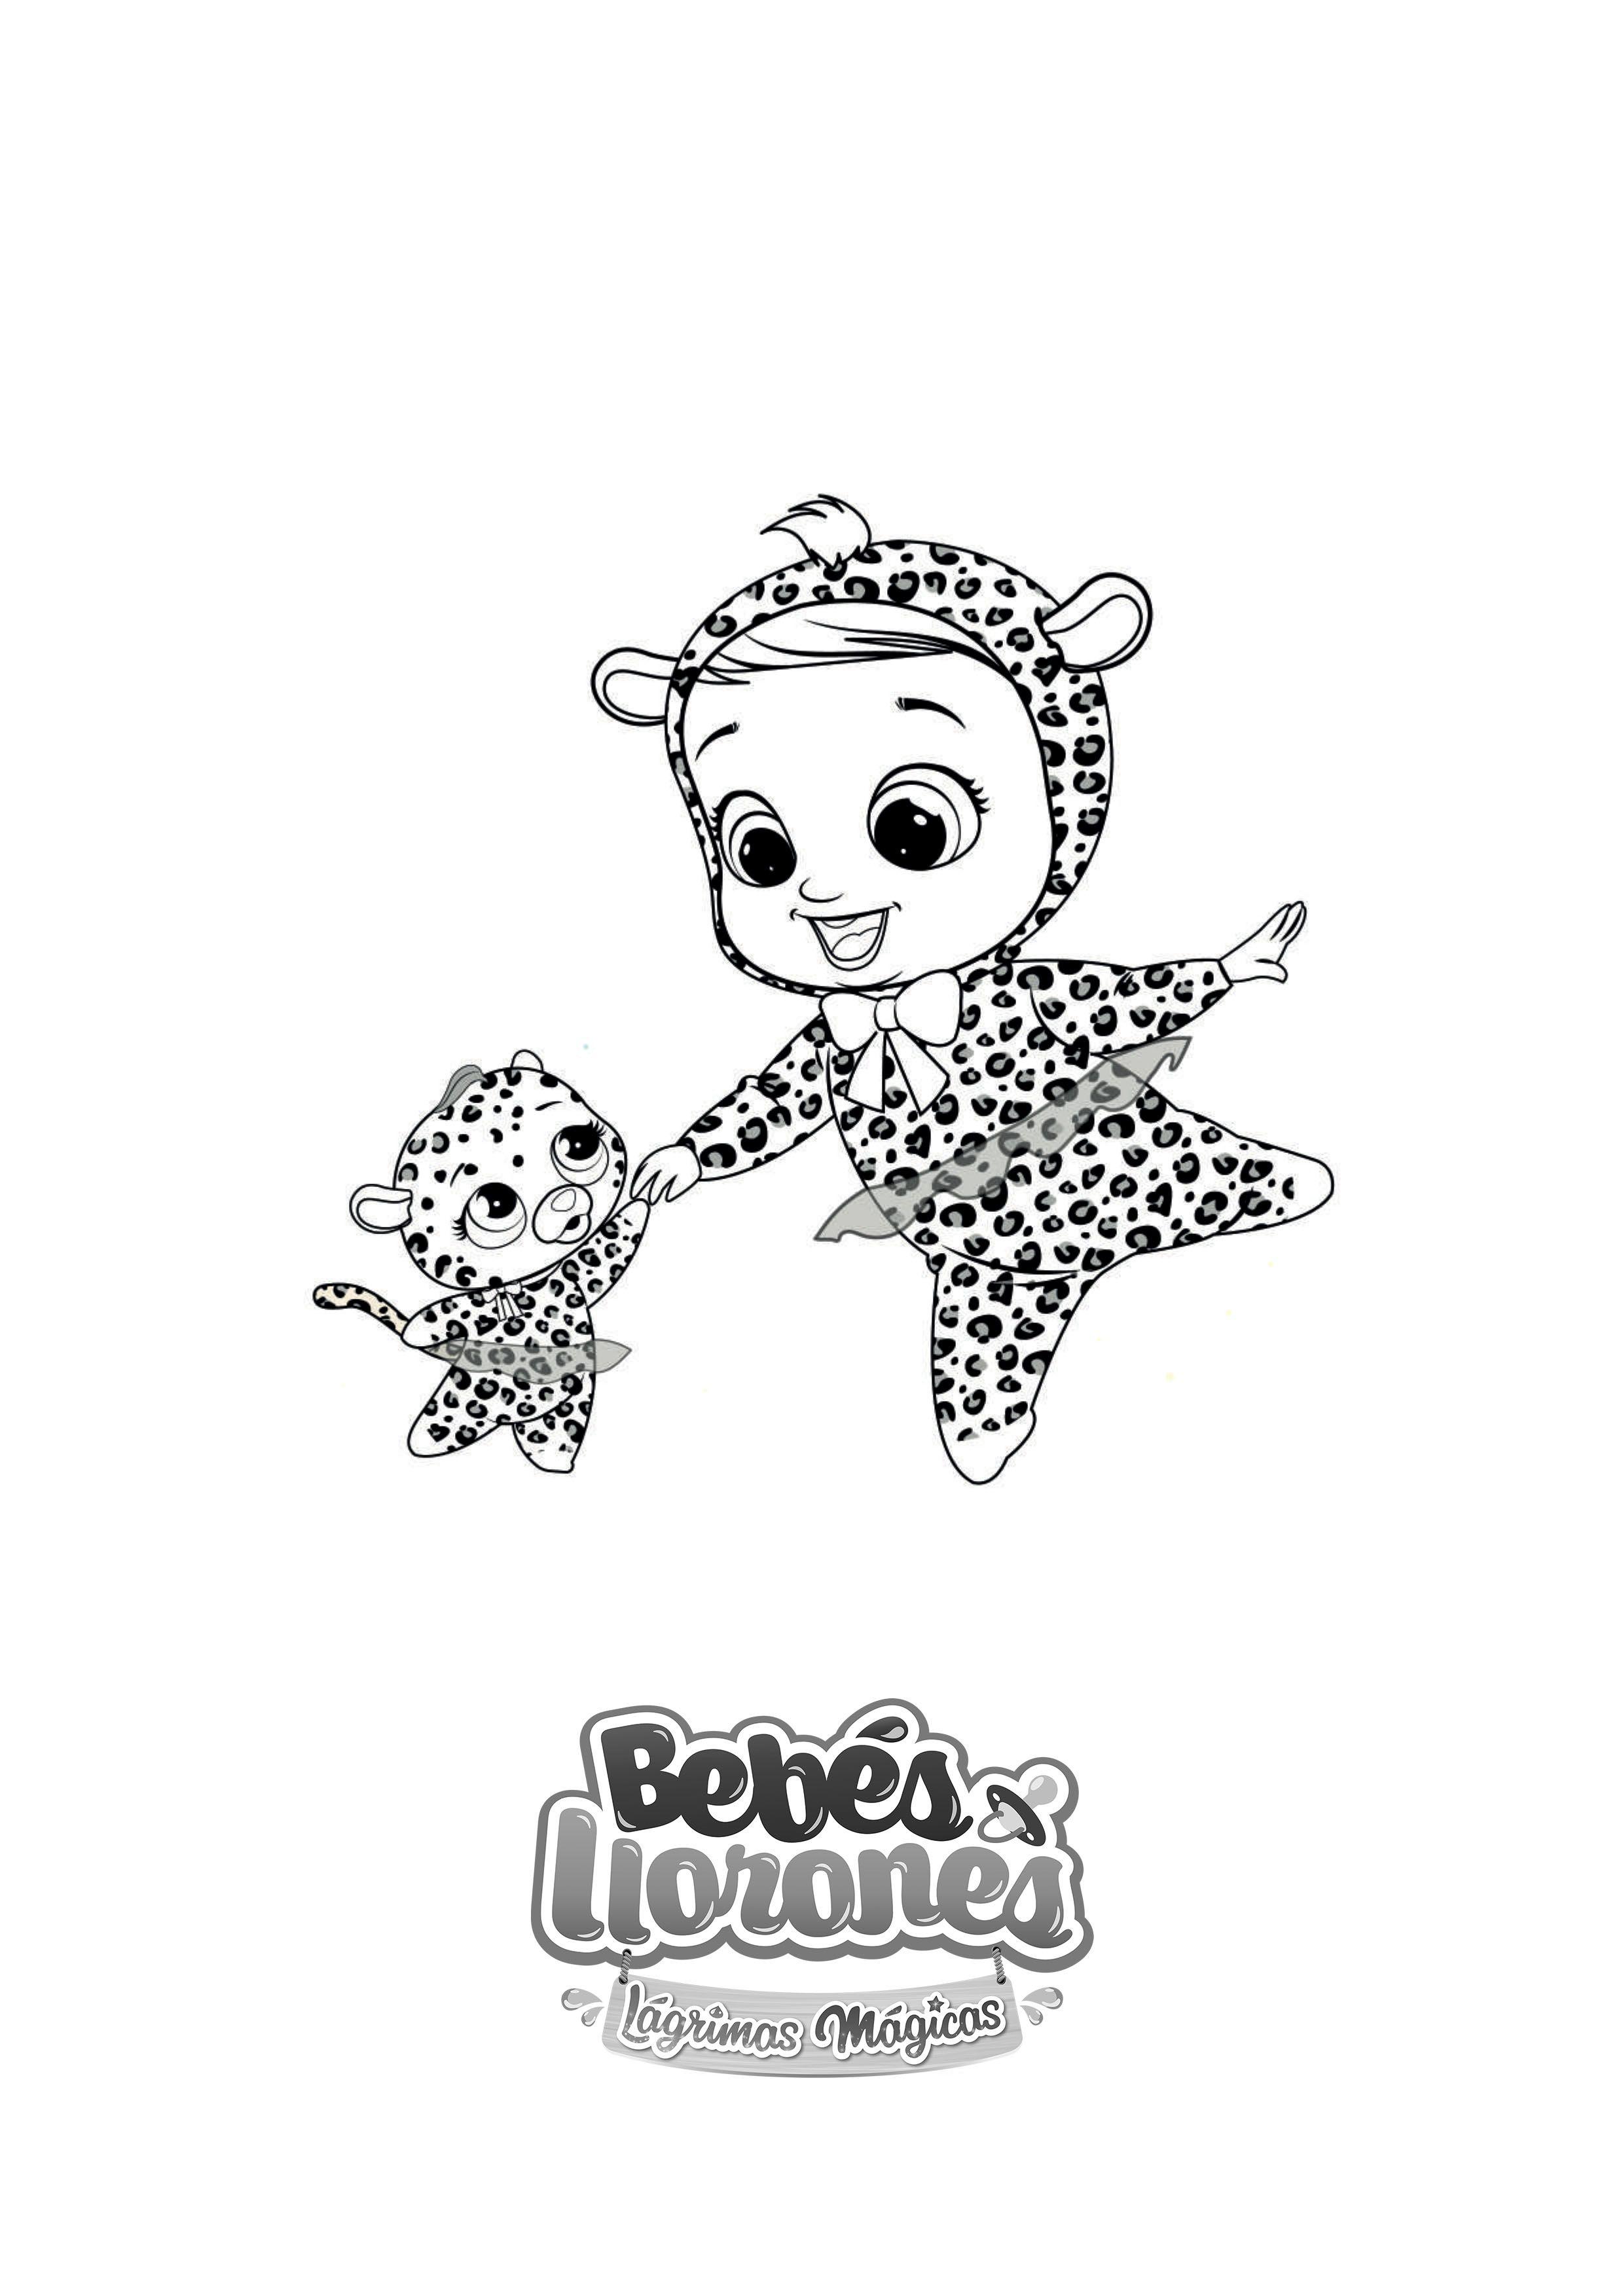 A Pintar Bebes Llorones Lagrimas Magicas En 2020 La Llorona Cry Baby Paginas Para Colorear Disney